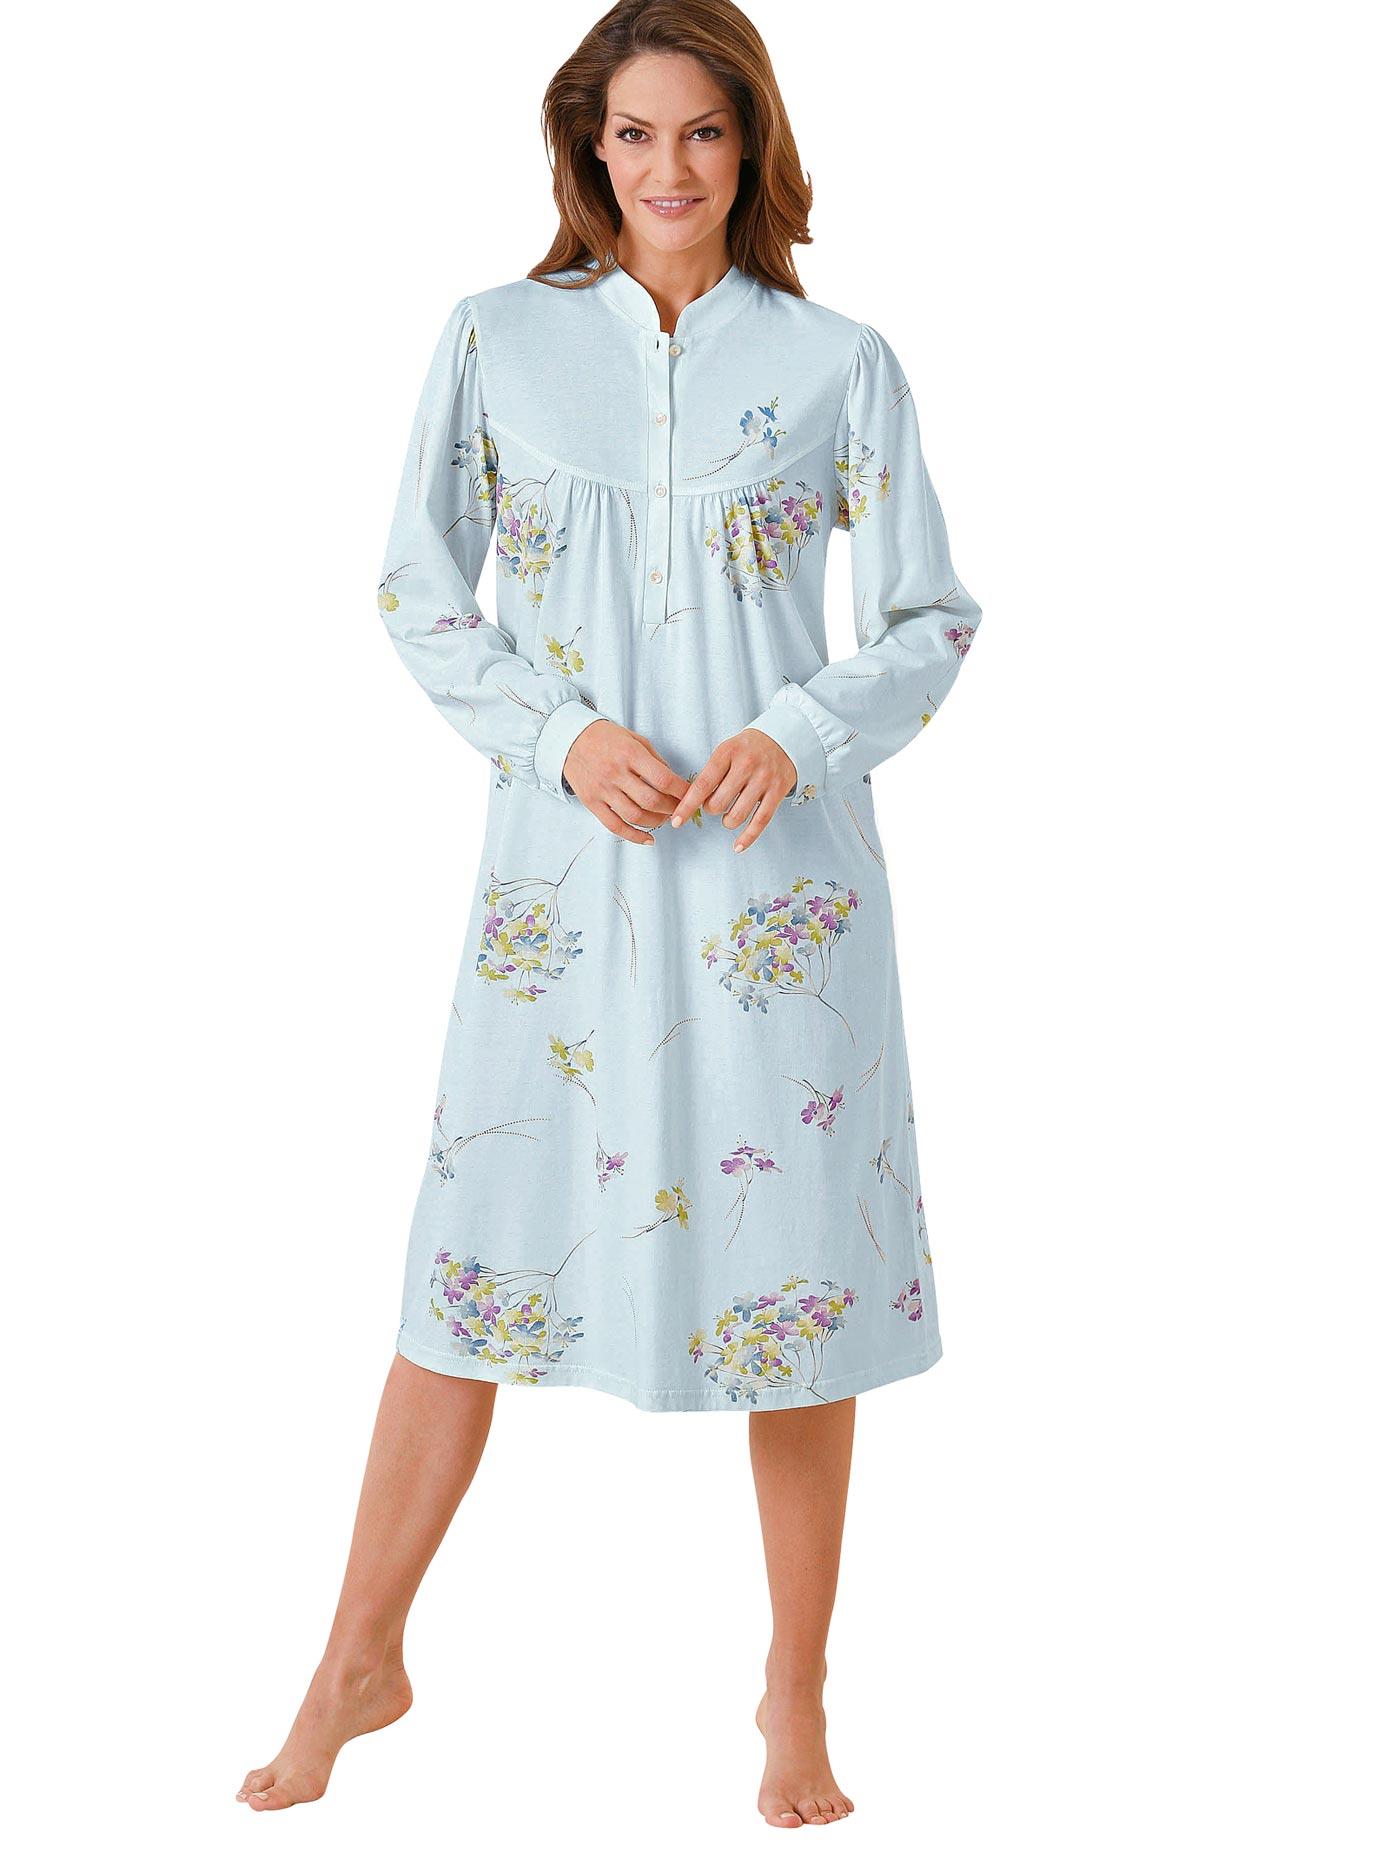 Ringella Nachthemd | Bekleidung > Nachtwäsche > Nachthemden | Blau | Ringella